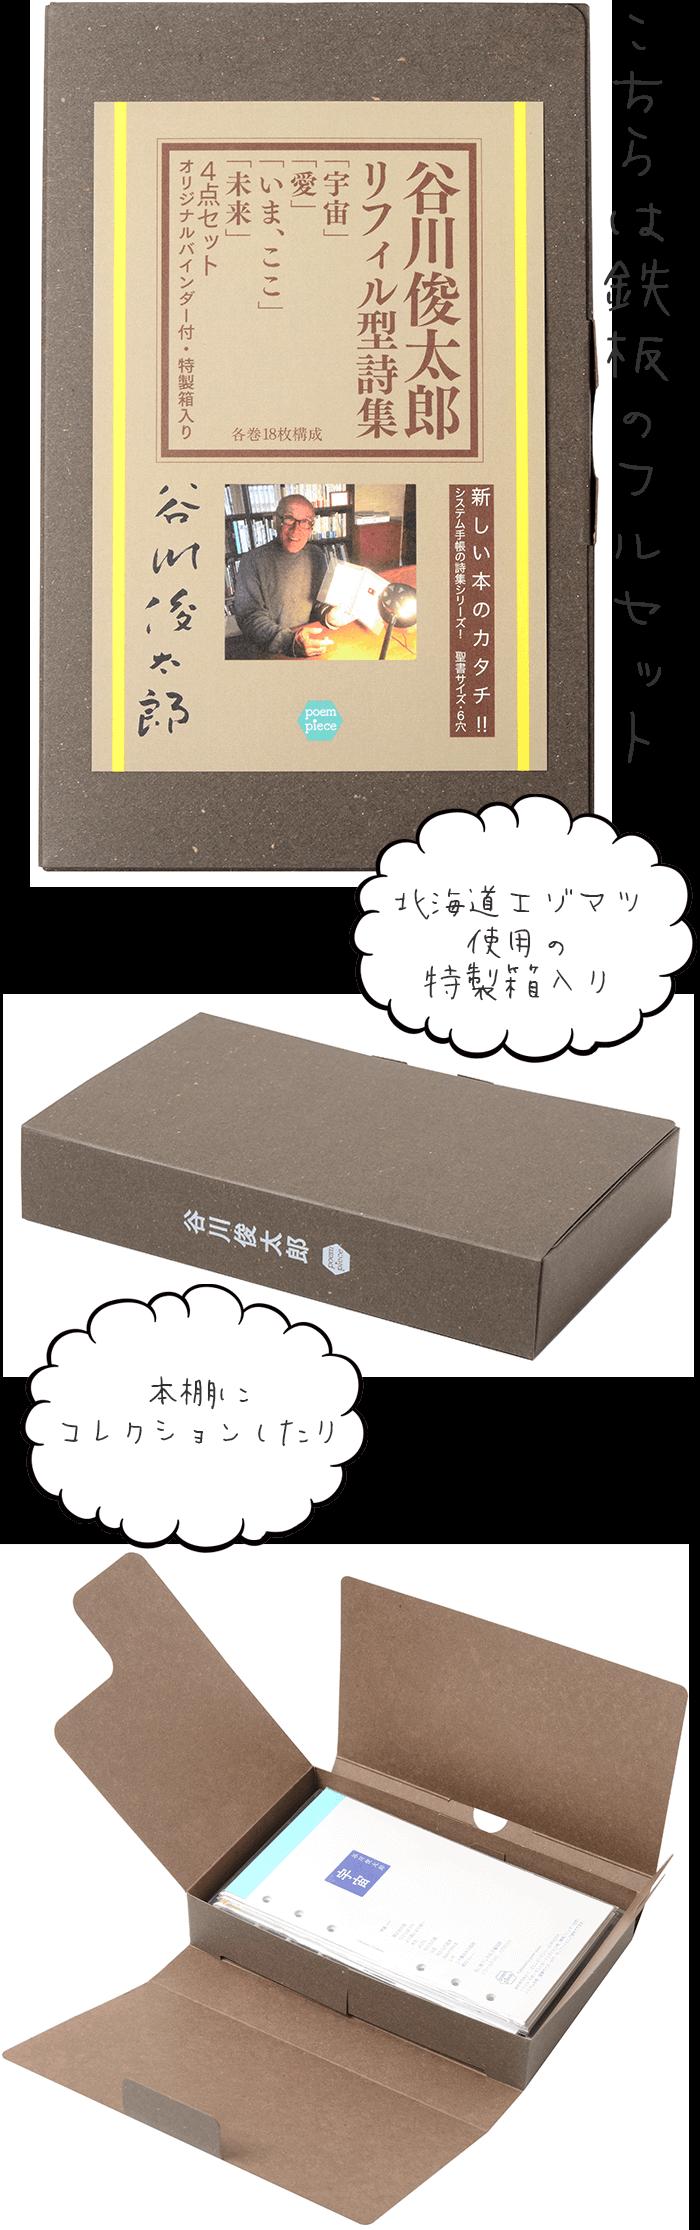 こちらは鉄板のフルセット  北海道エゾマツ  使用の  特製箱入り  本棚に  コレクションしたり